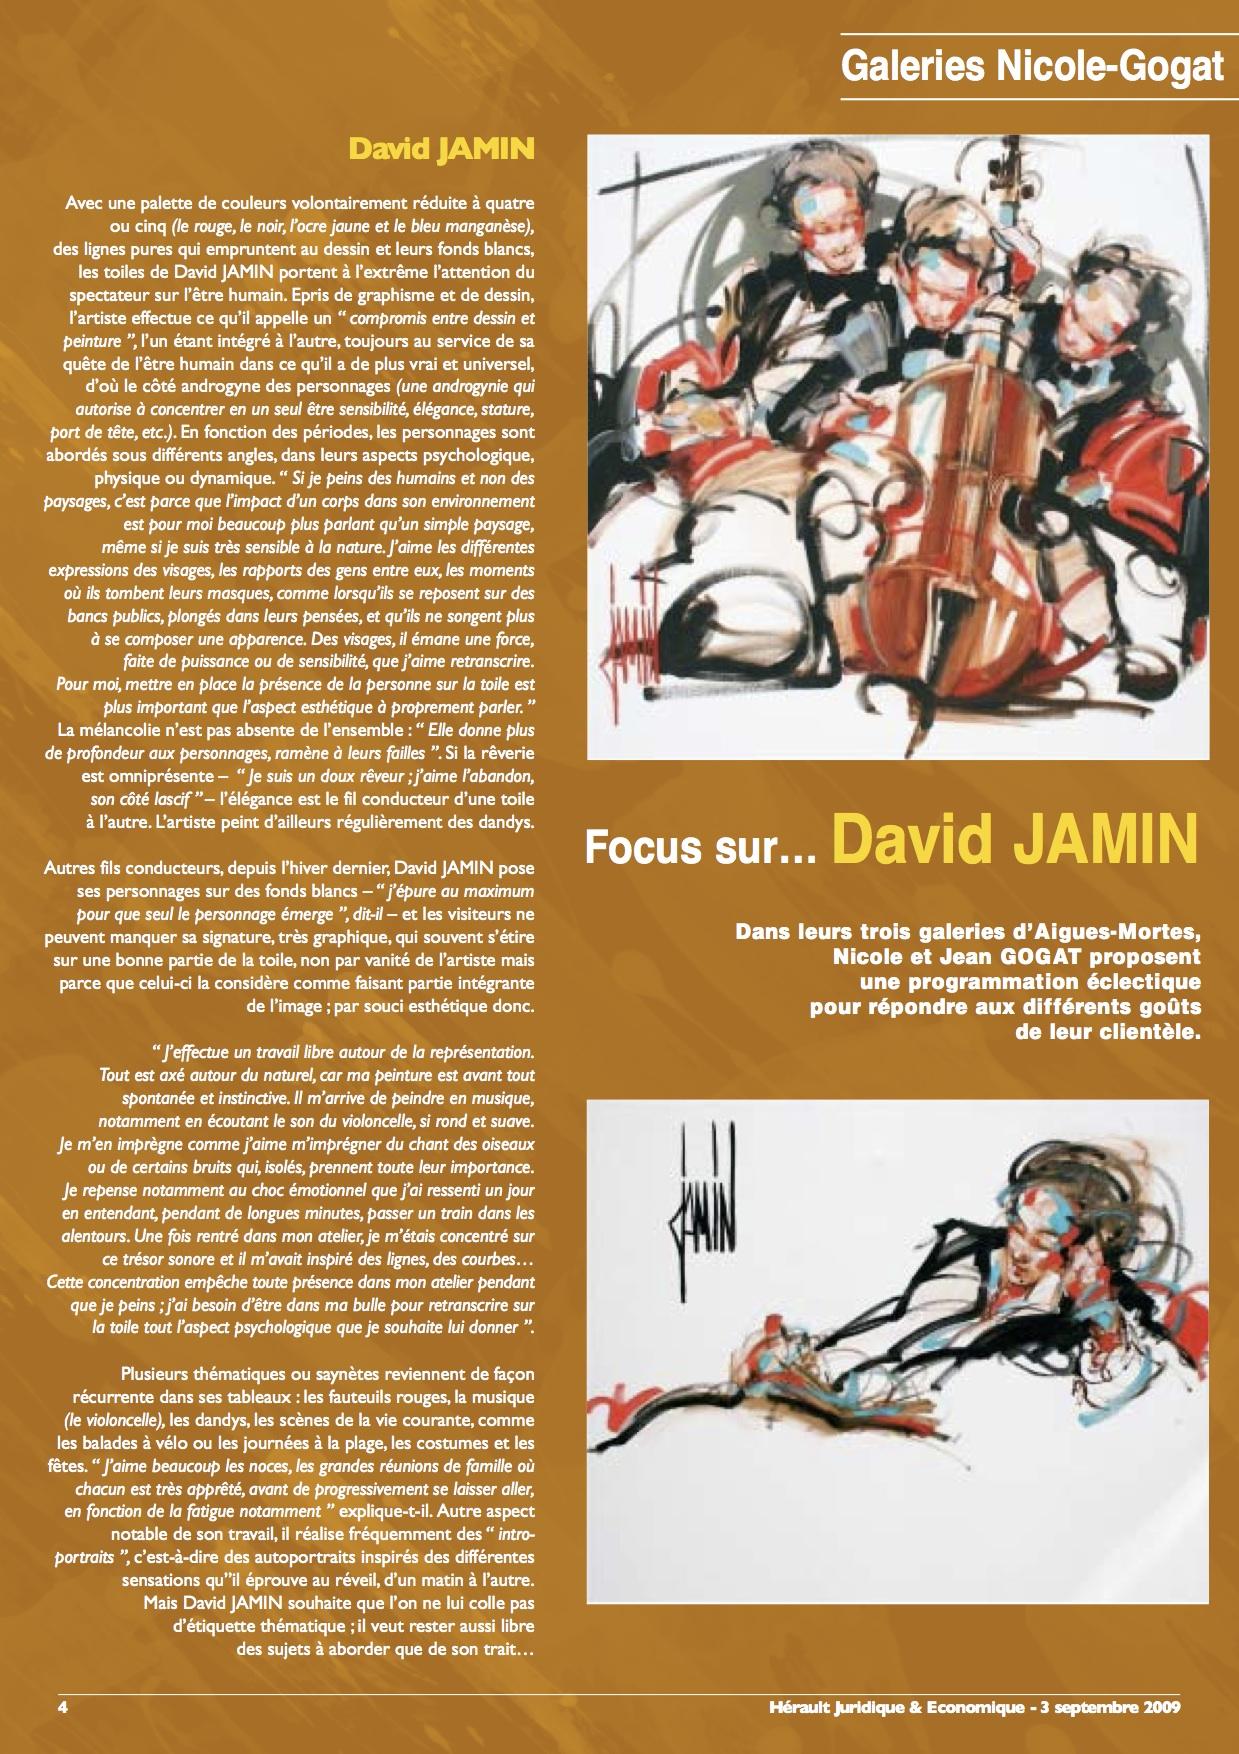 L'Hérault Juridique & Economique -  3 septembre 2009 -